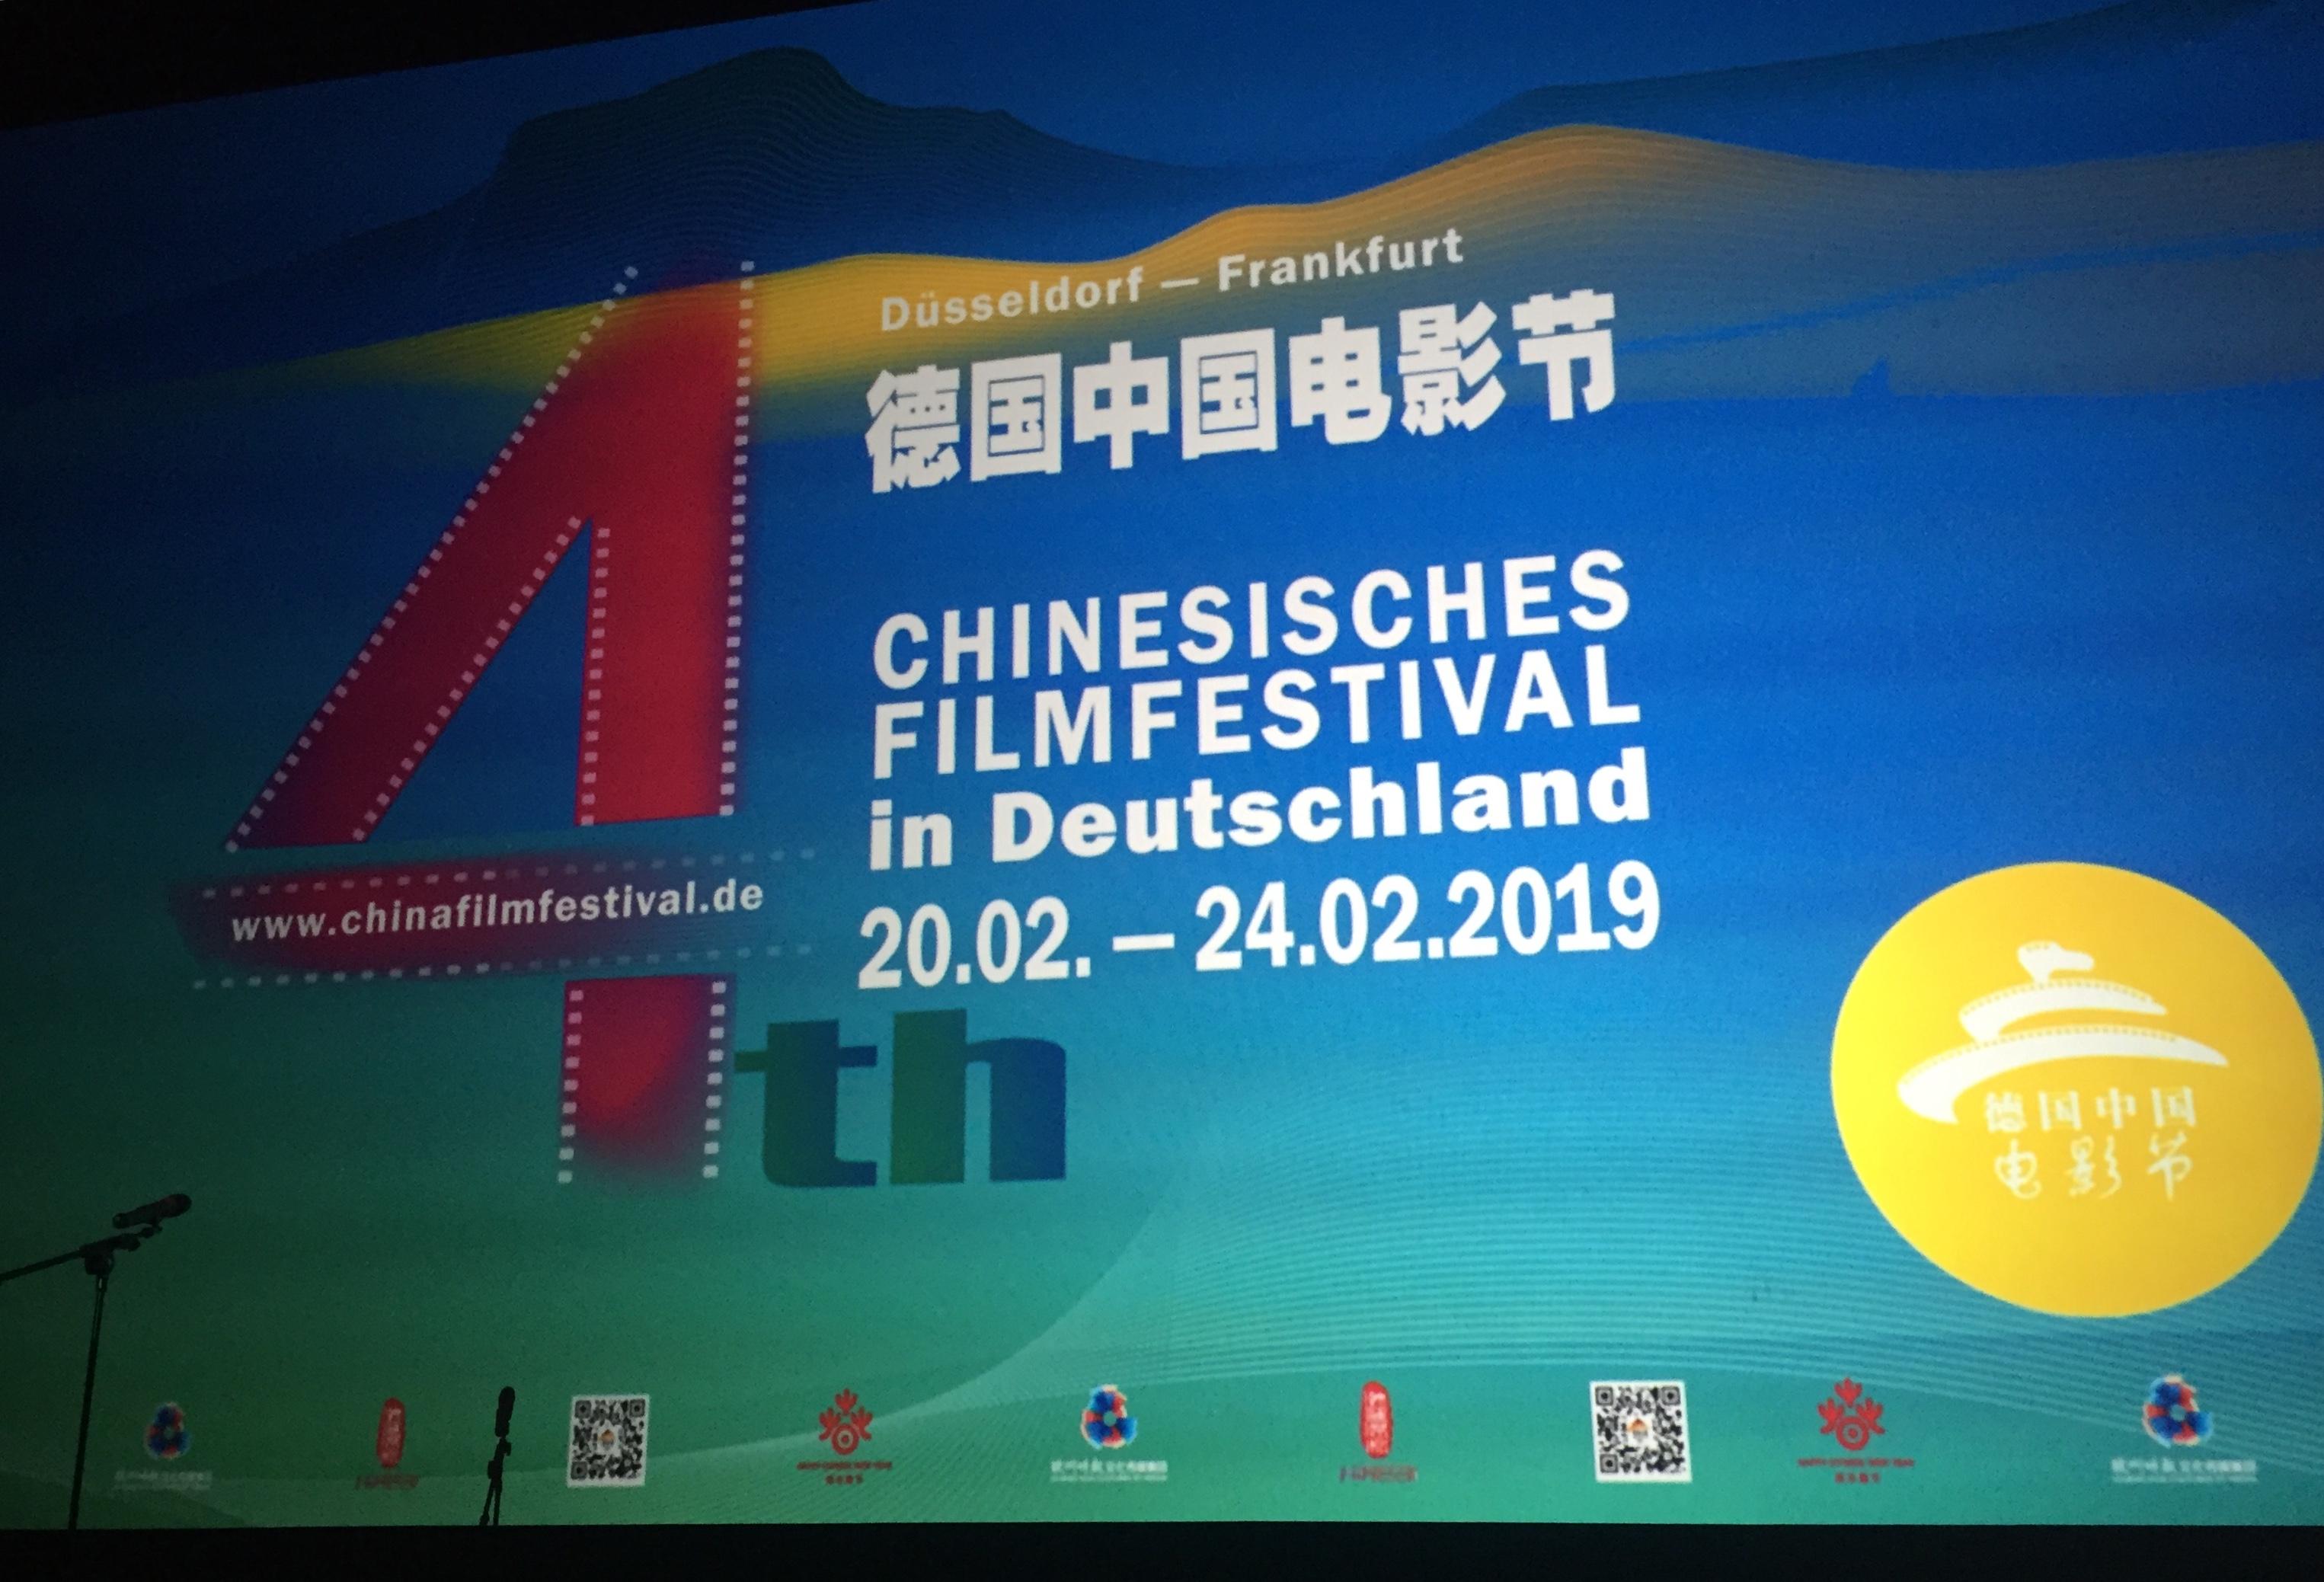 4. Chinesisches Filmfestival in Deutschland